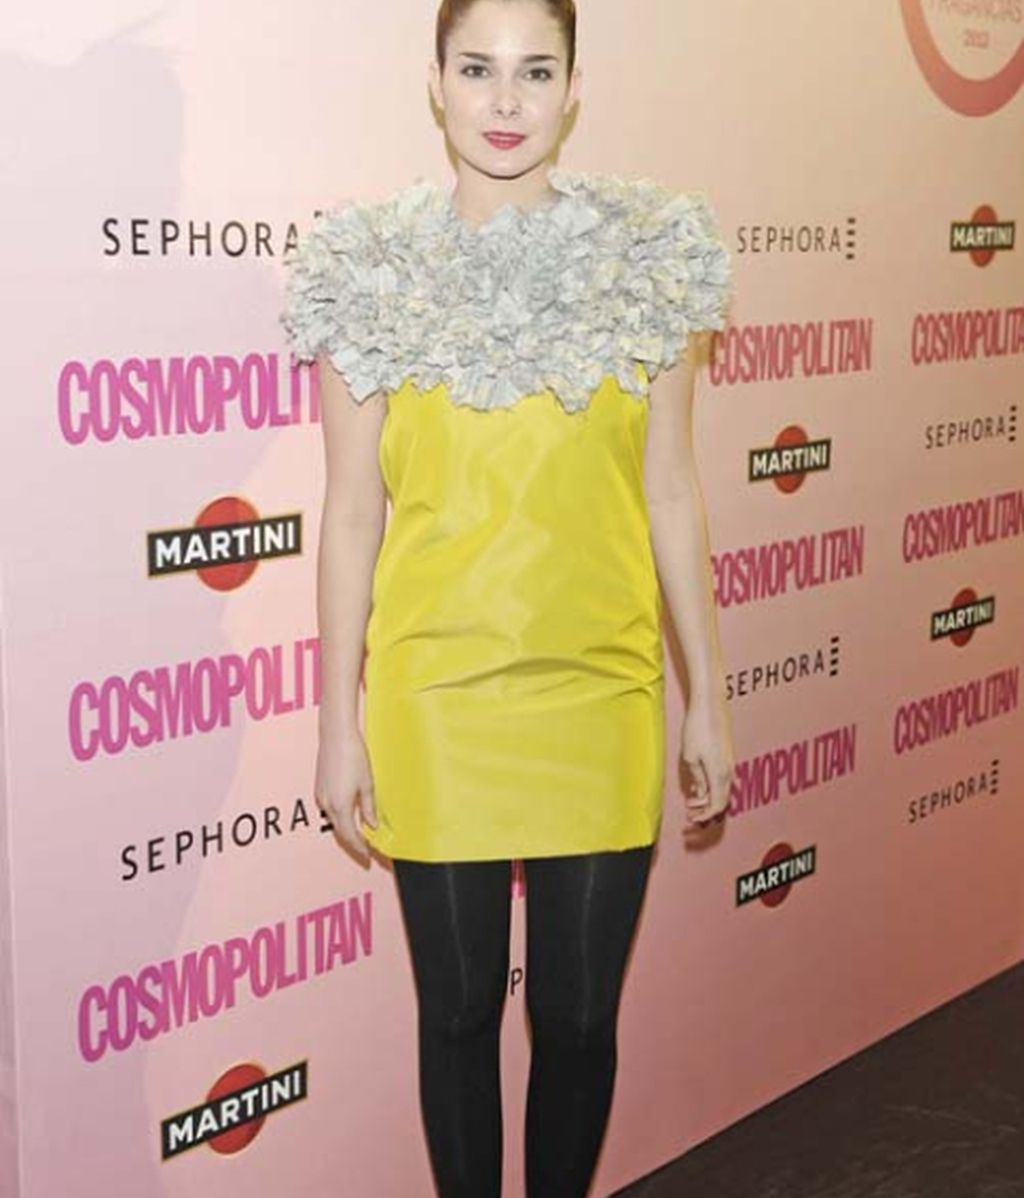 Temblad famosas... Ahora, la resaca de la fiesta: analizamos las peor vestidas de los 'Cosmo'